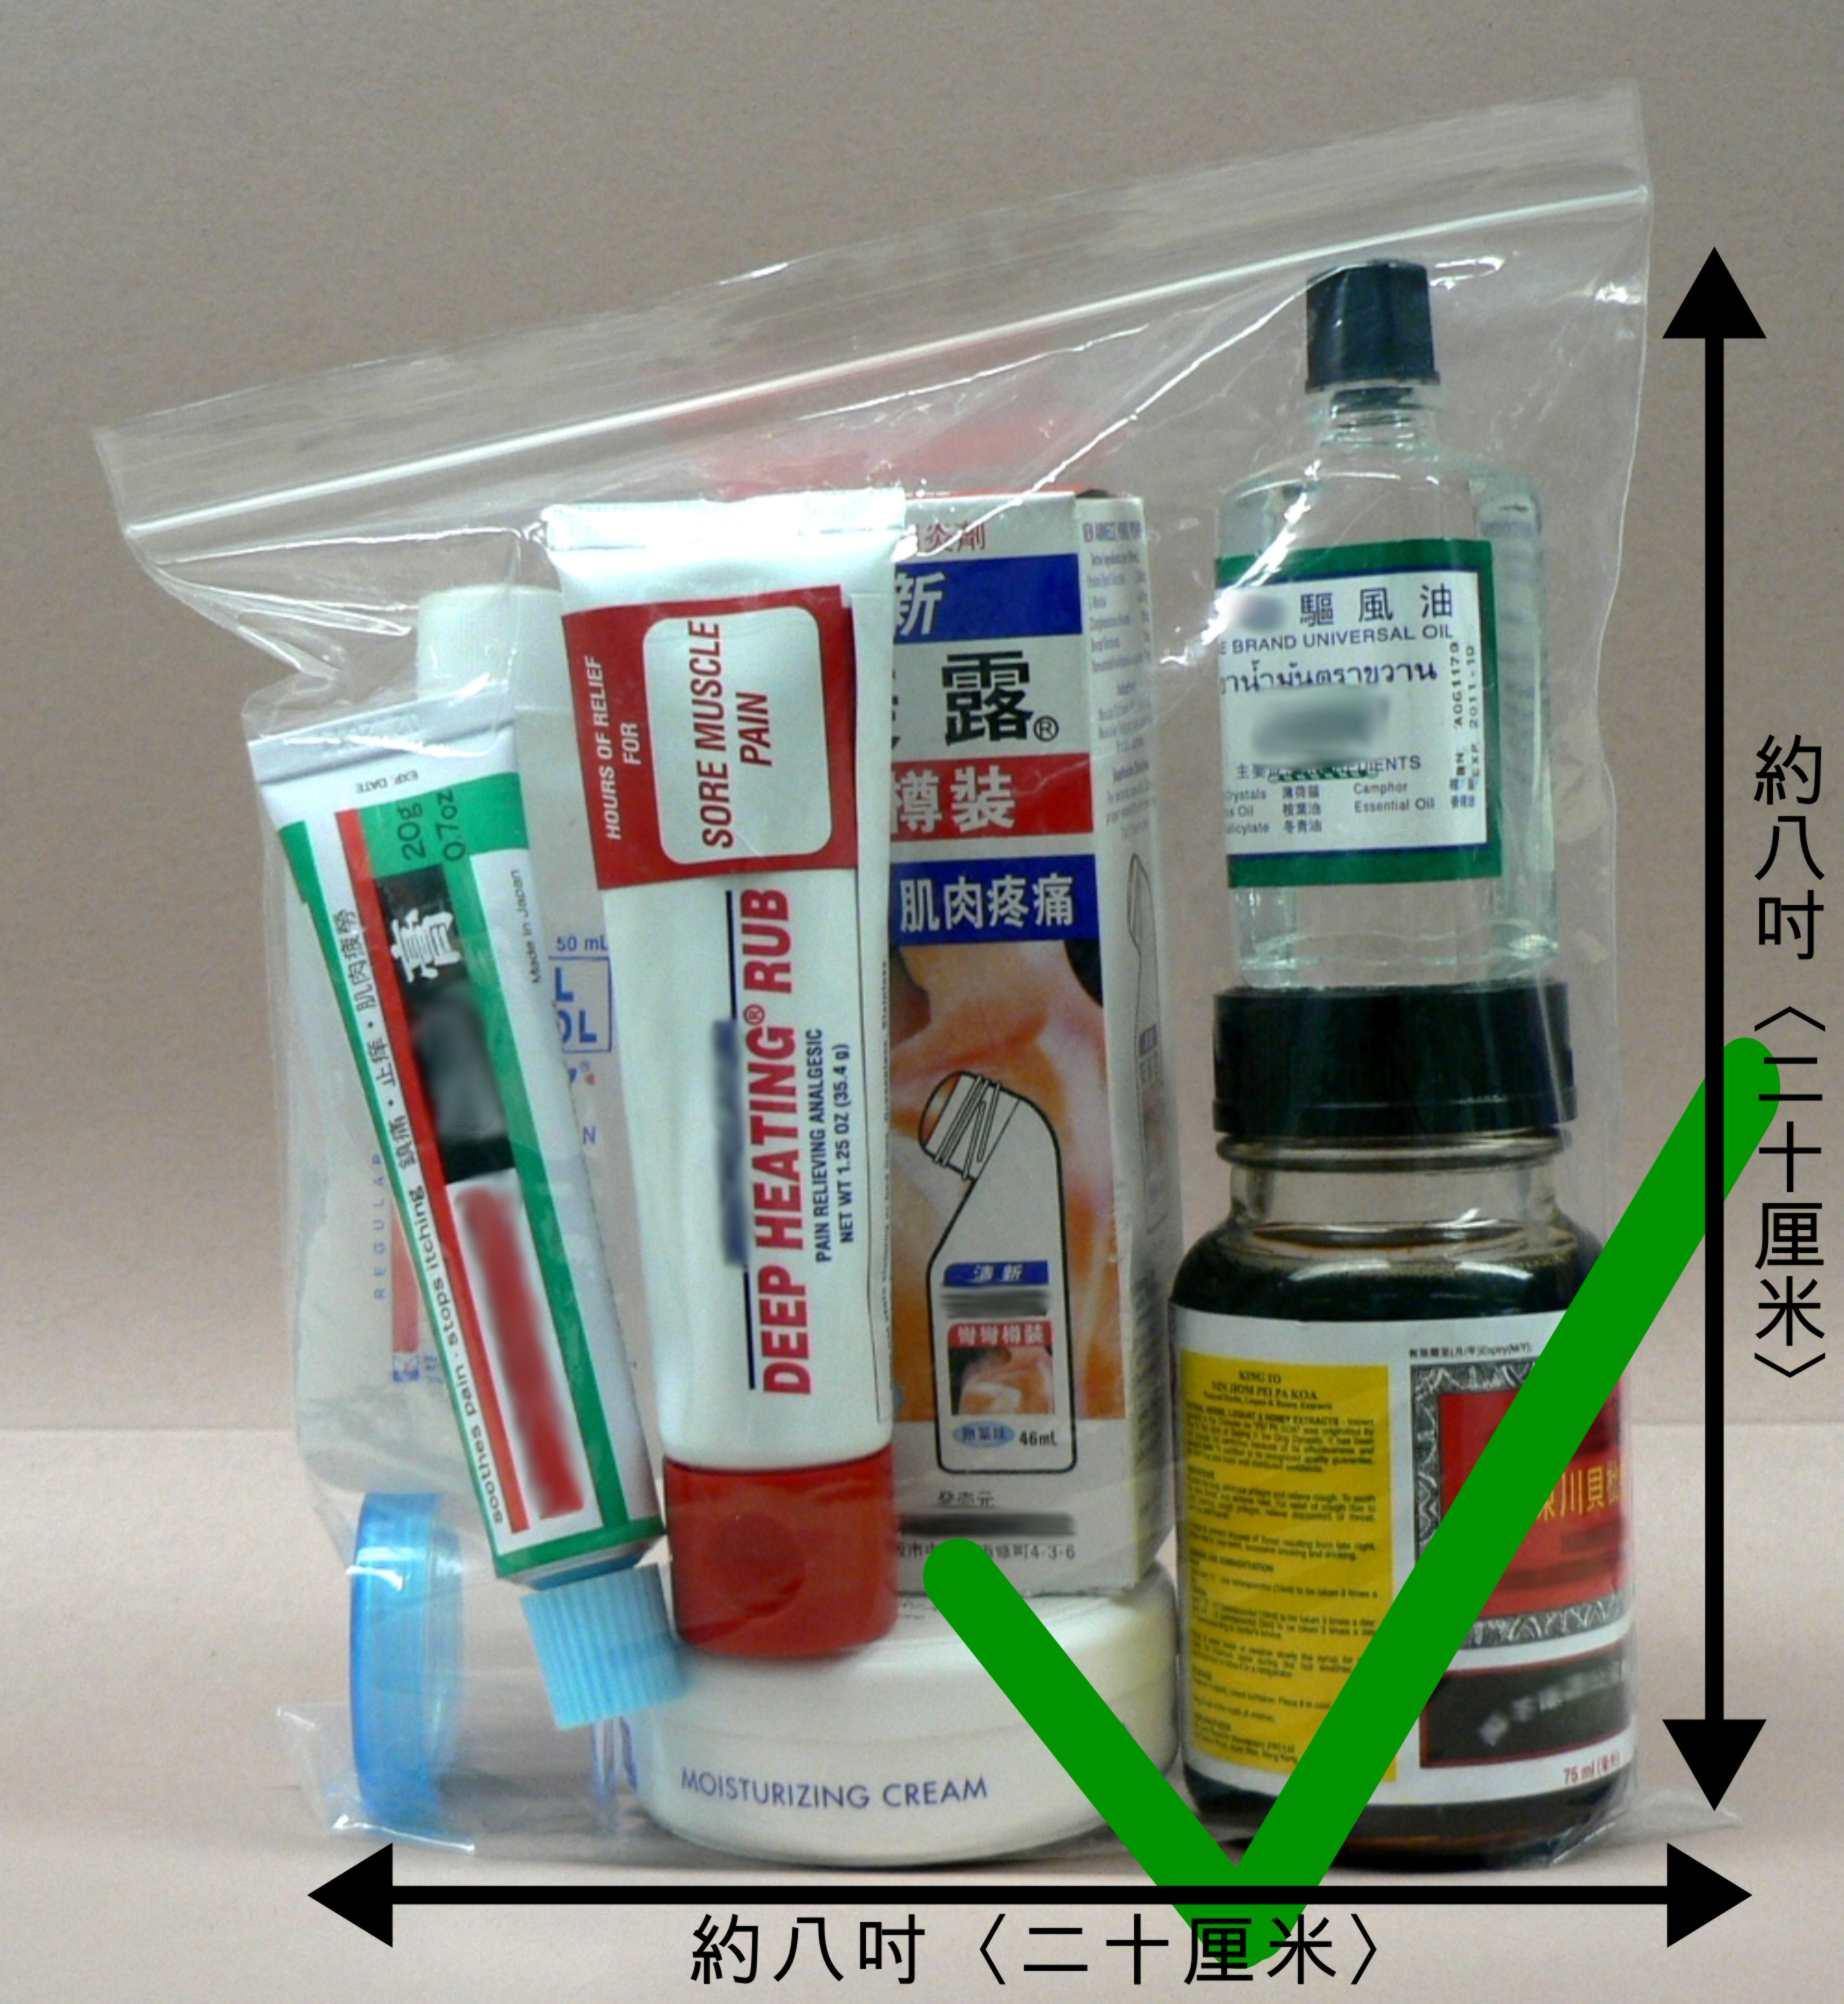 民航處 新的手提行李保安規定